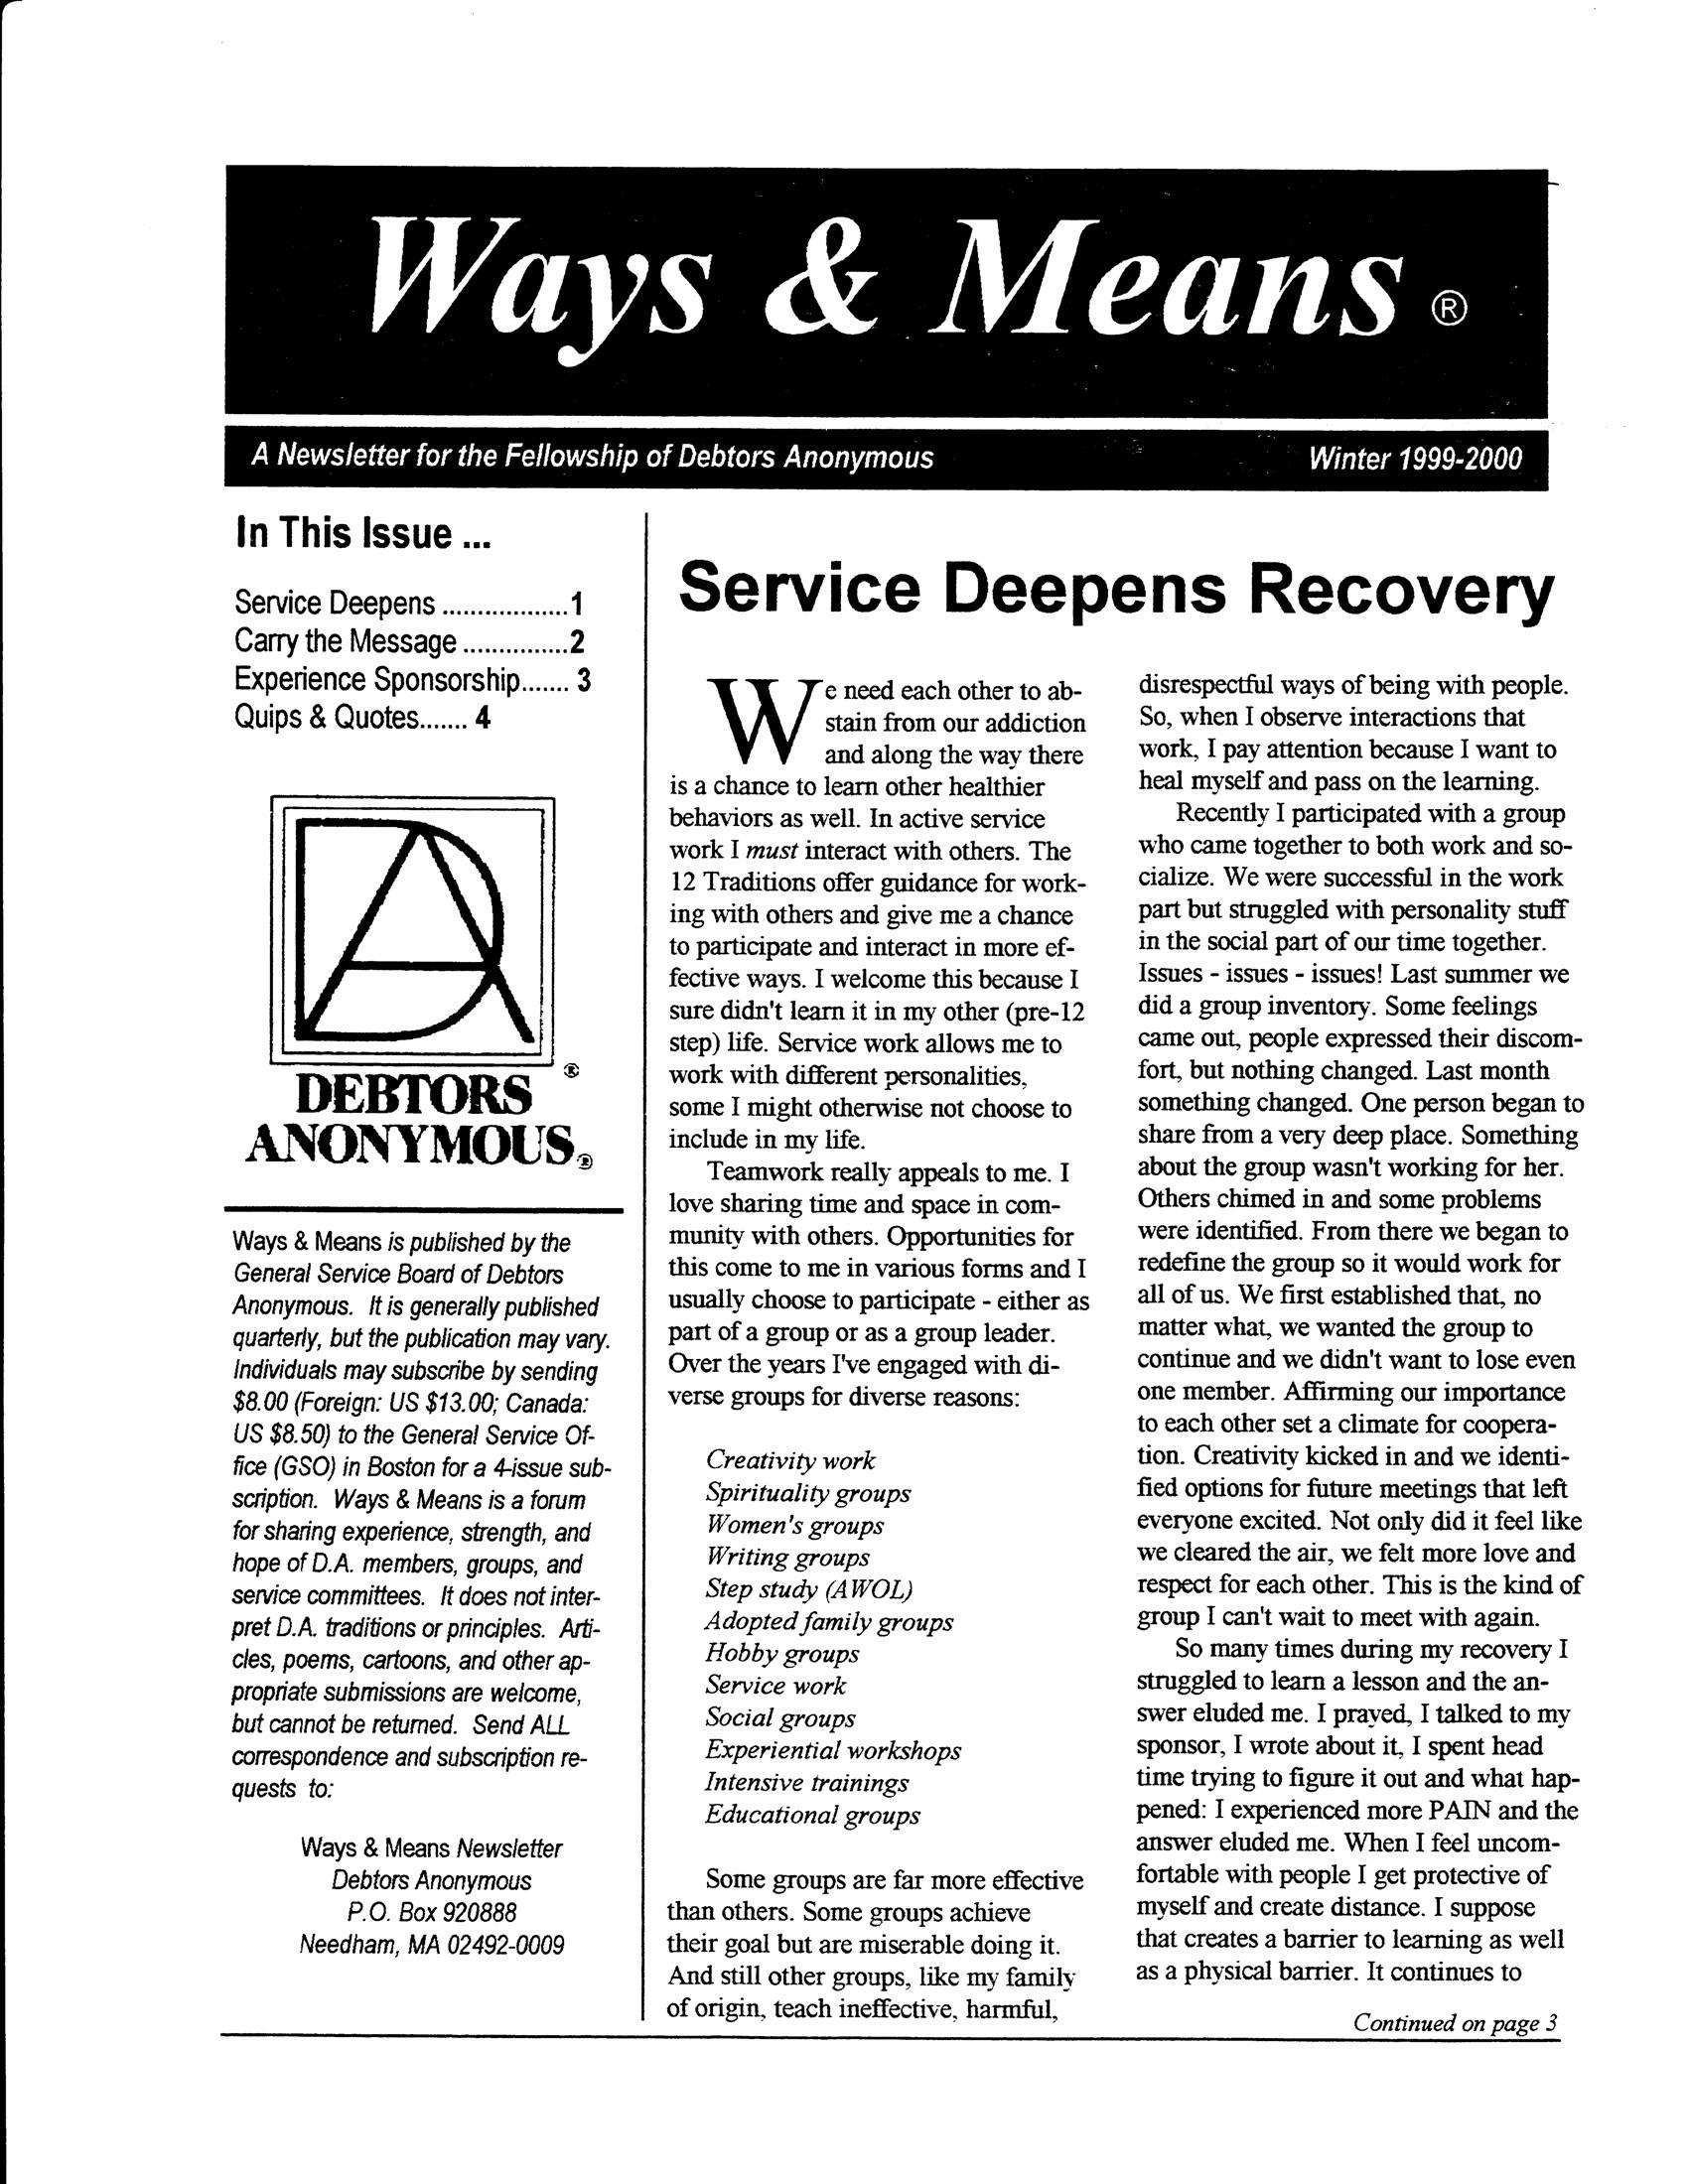 Ways & Means 1st QTR 1999